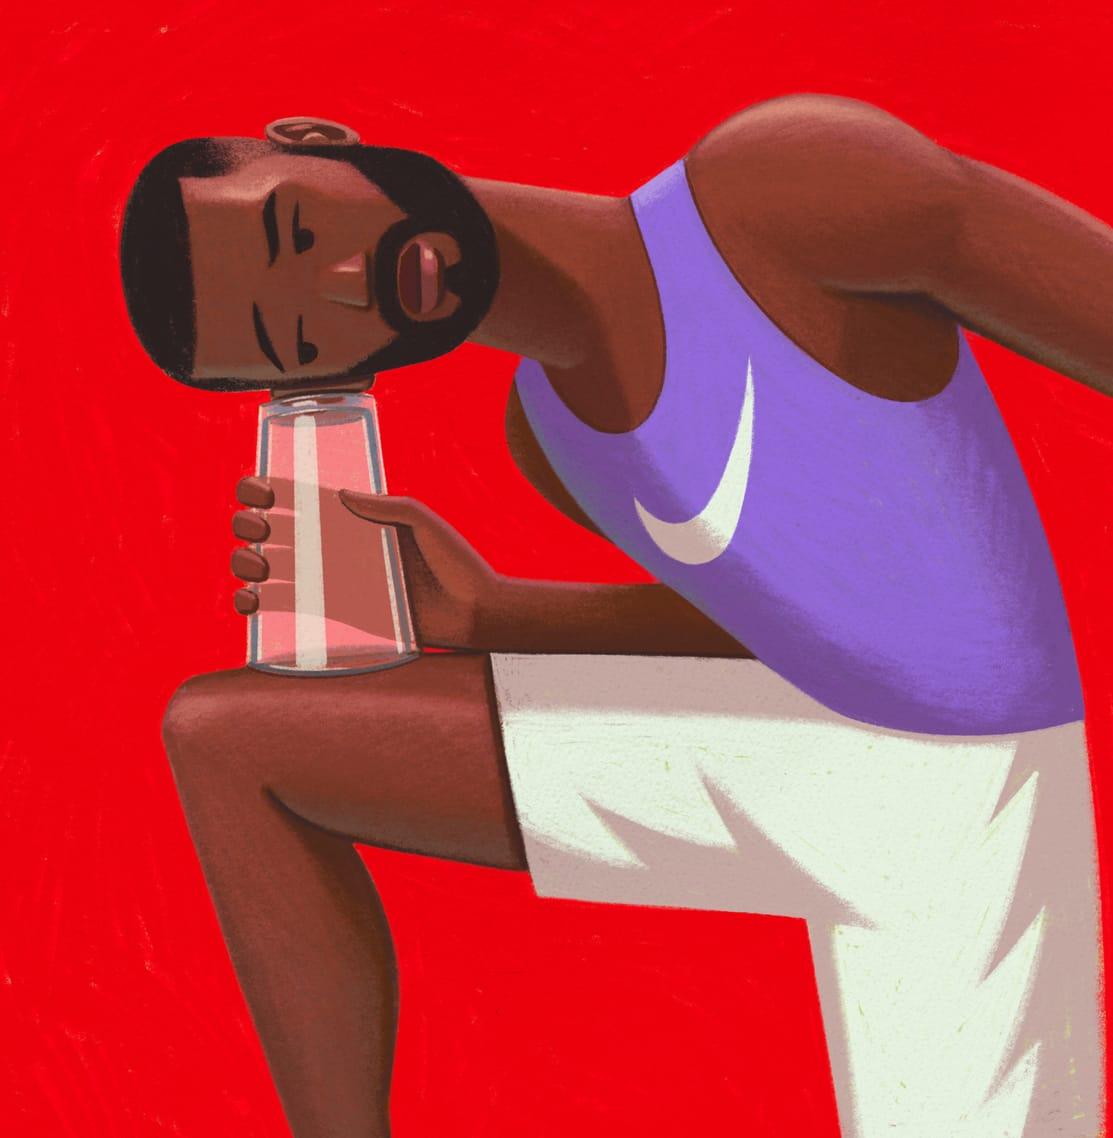 Cómo prevenir lesiones comunes al correr según los expertos. Nike